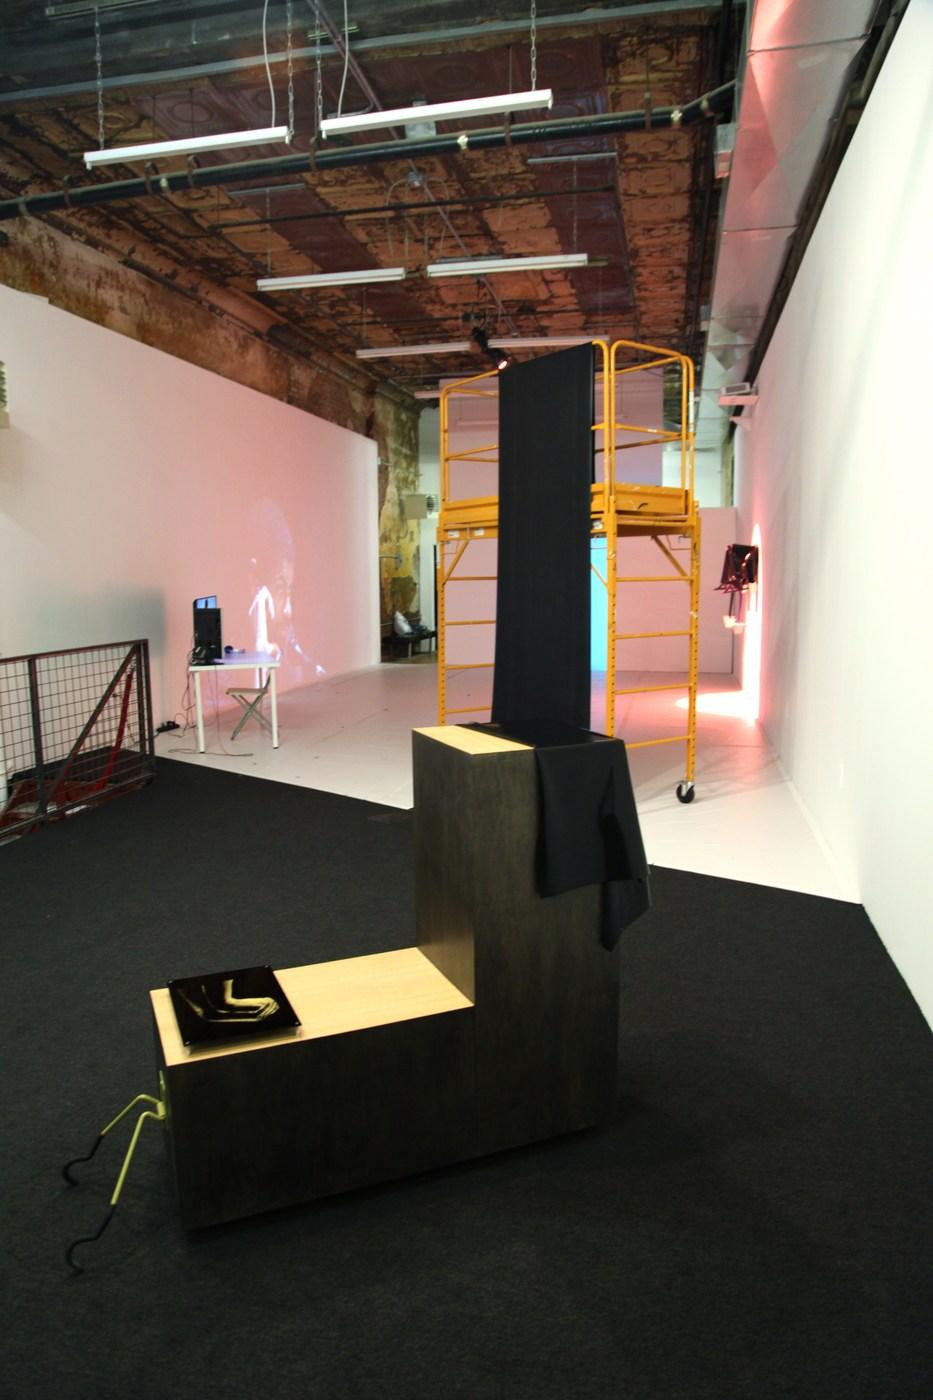 2-Installation view